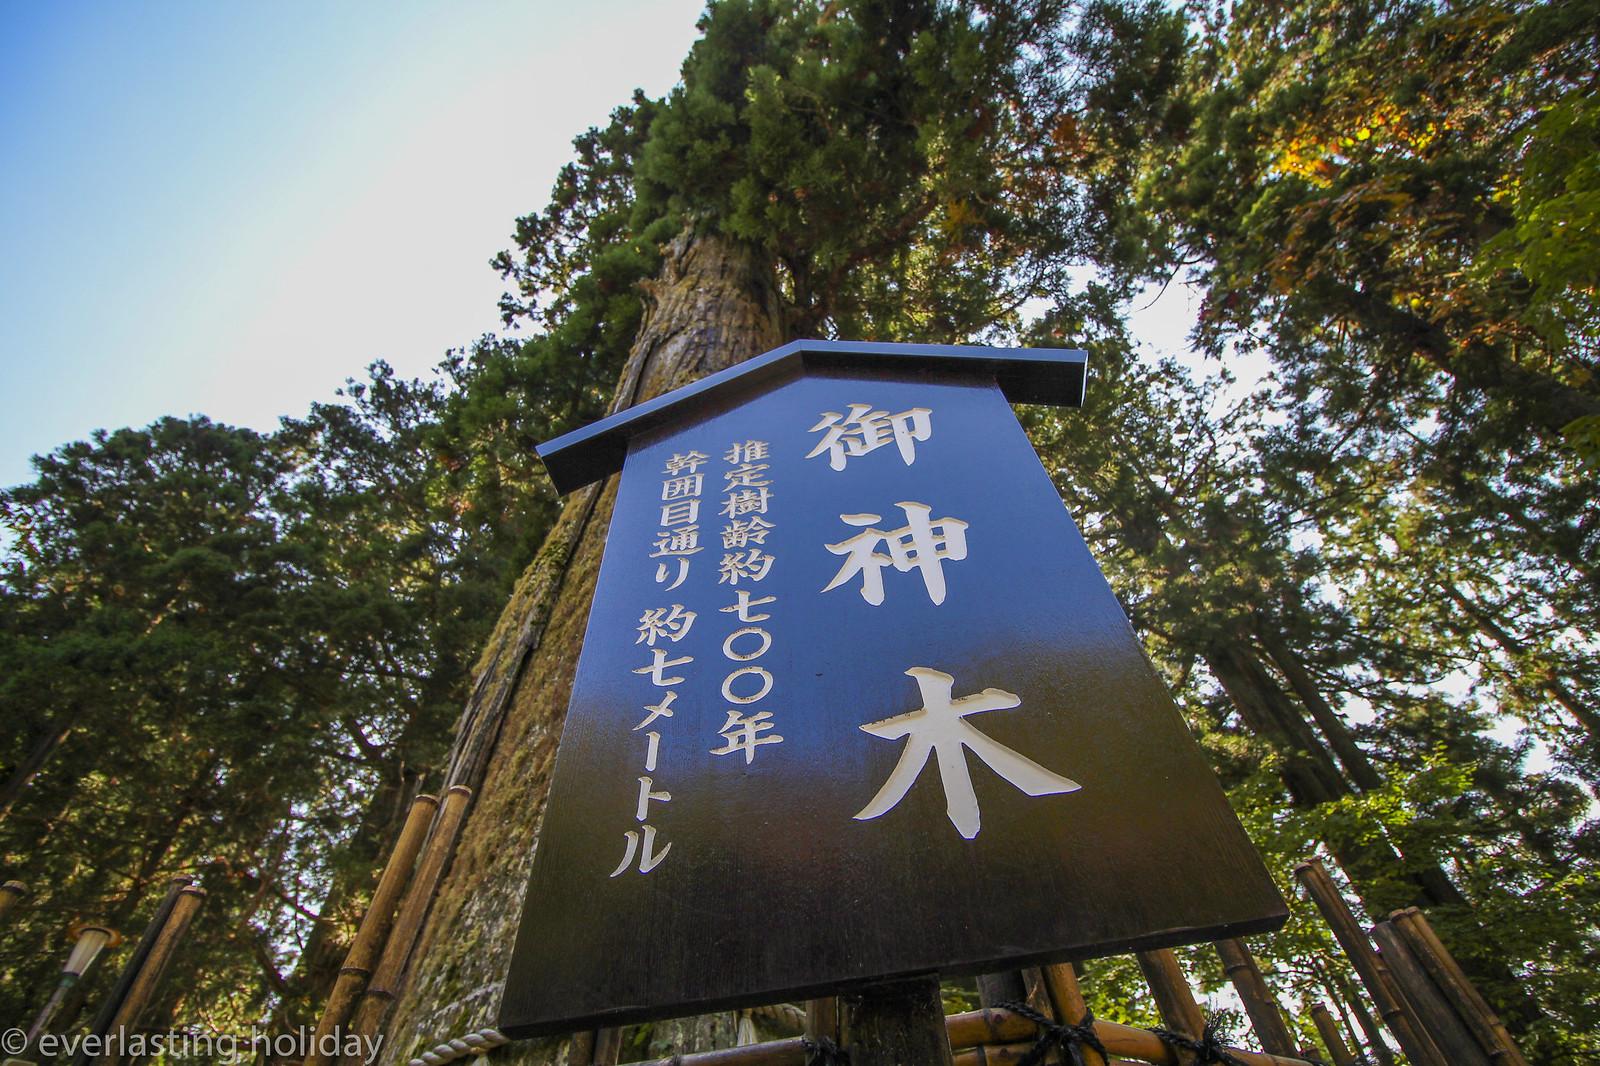 戸隠神社 Togakushi-jinja Shrine-0004